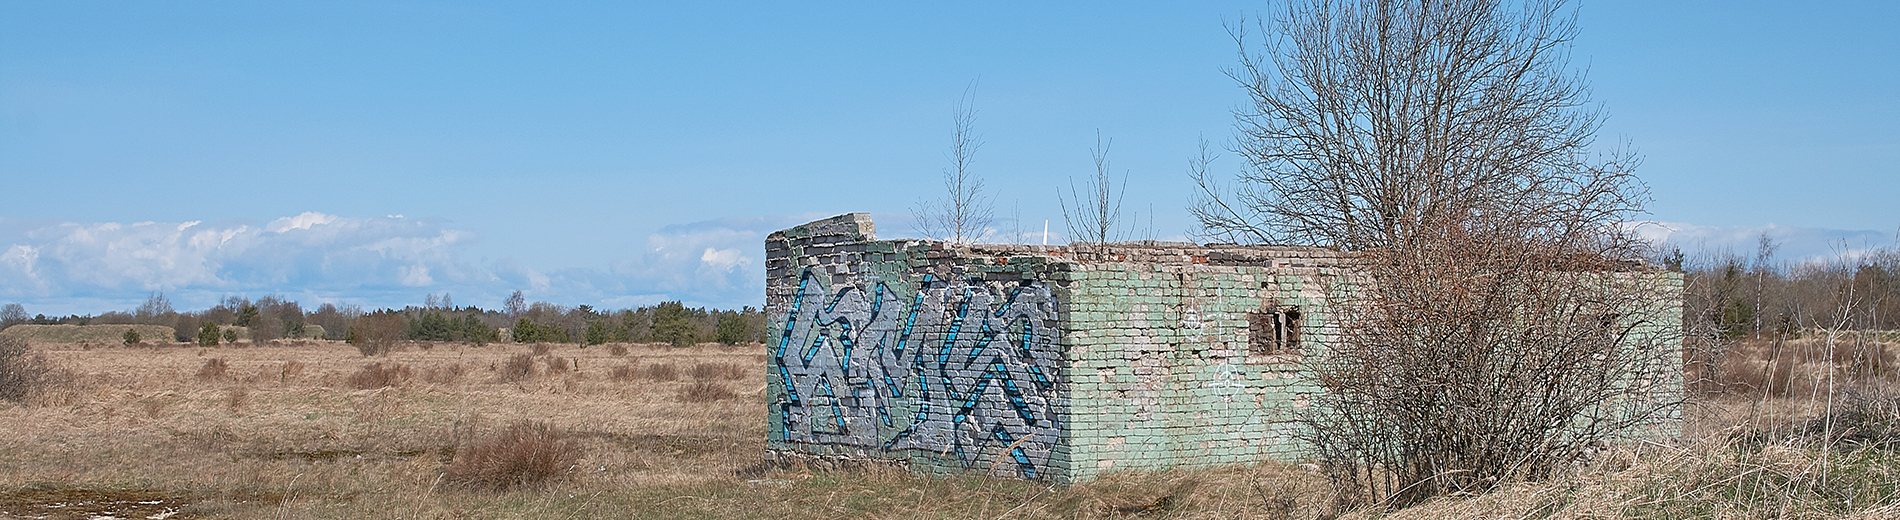 Former missile base at Türisalu